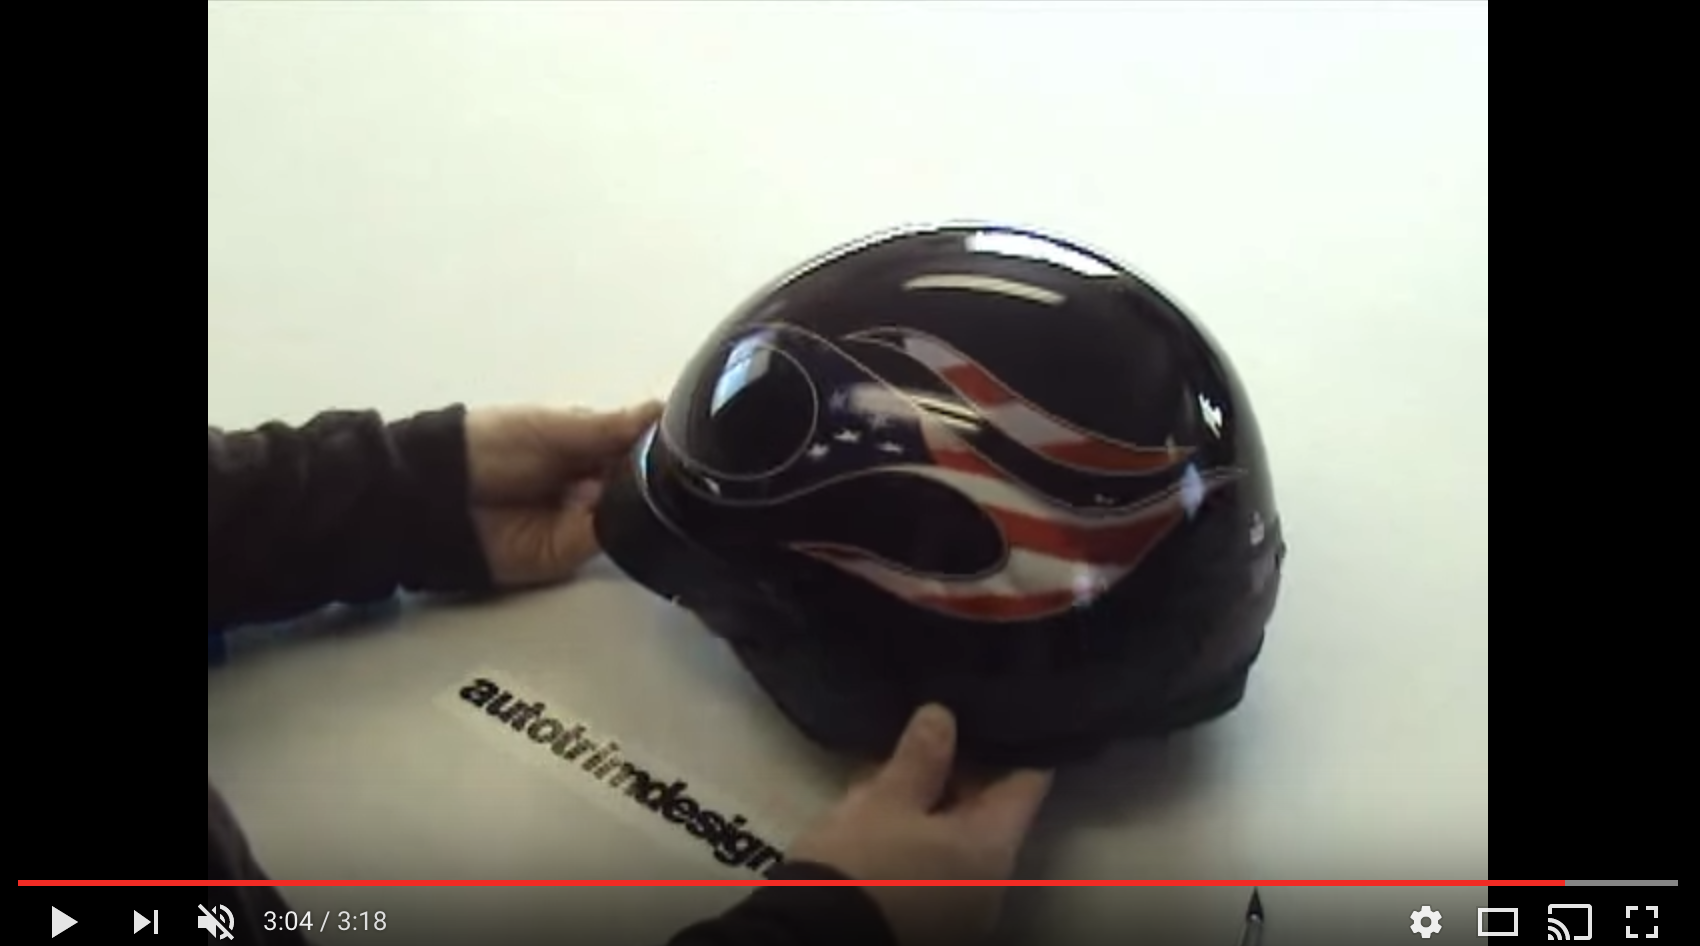 How To Install Motorcycle Helmet Decals - Motorcycle helmet decals graphics